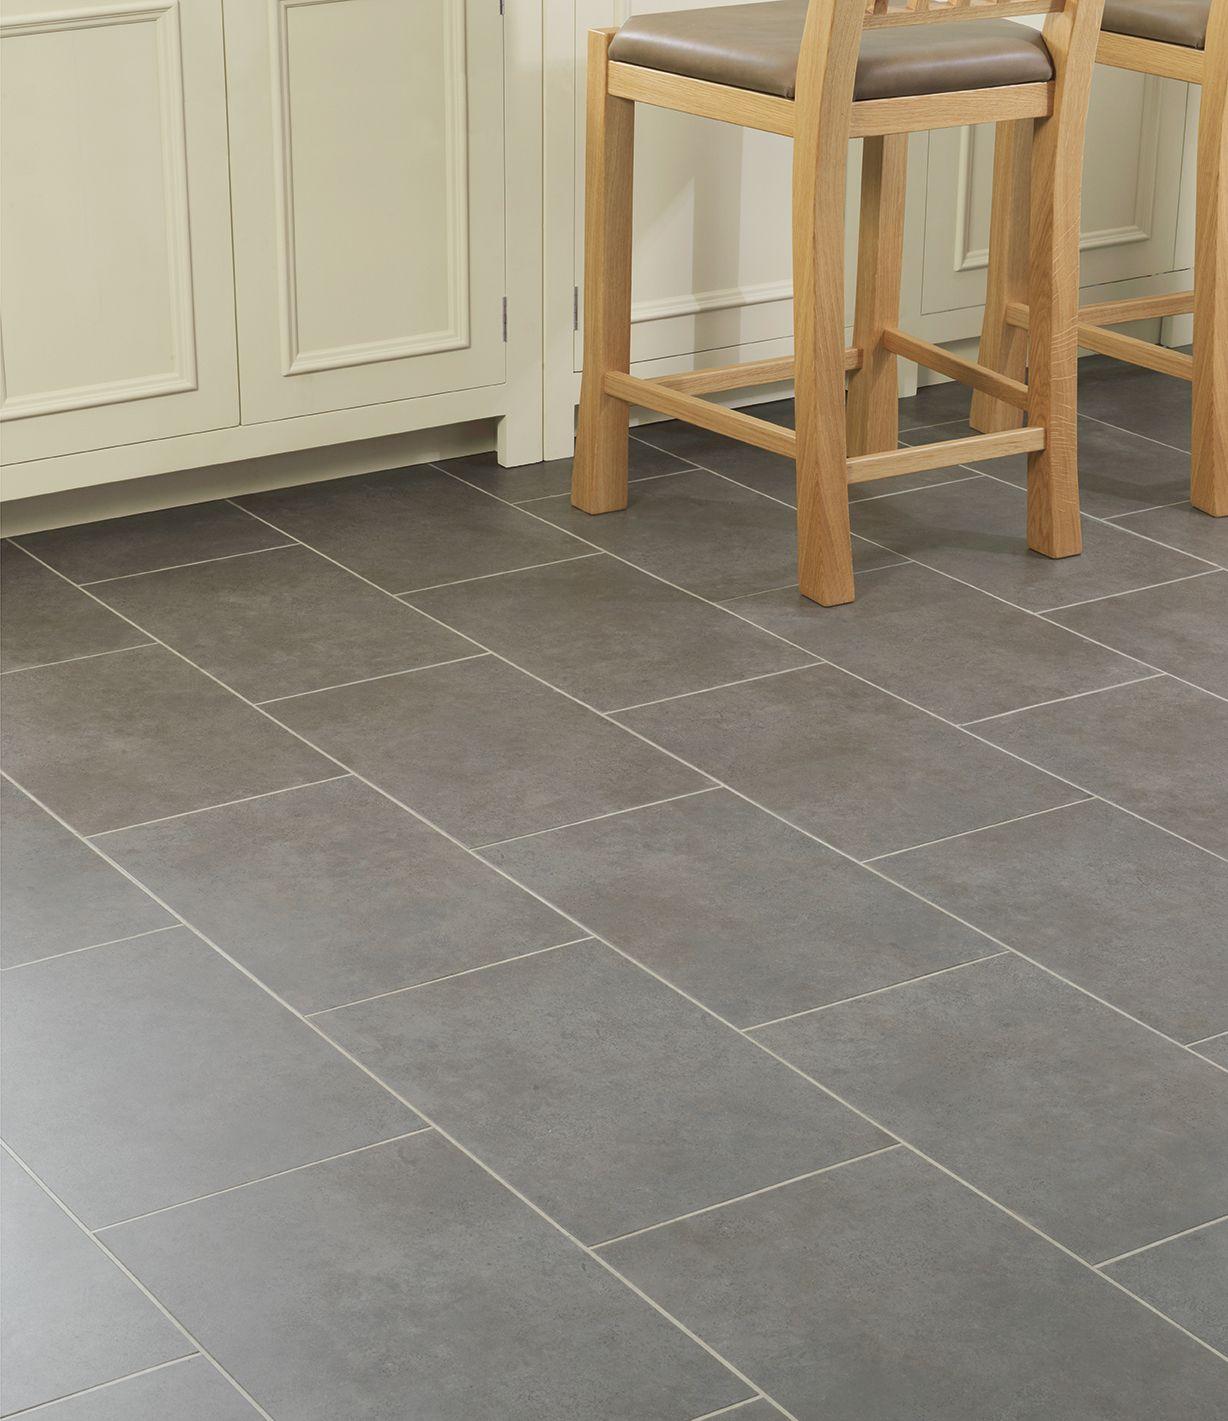 Amtico Ceramic Sable Flooring Vinyl Laminate Flooring